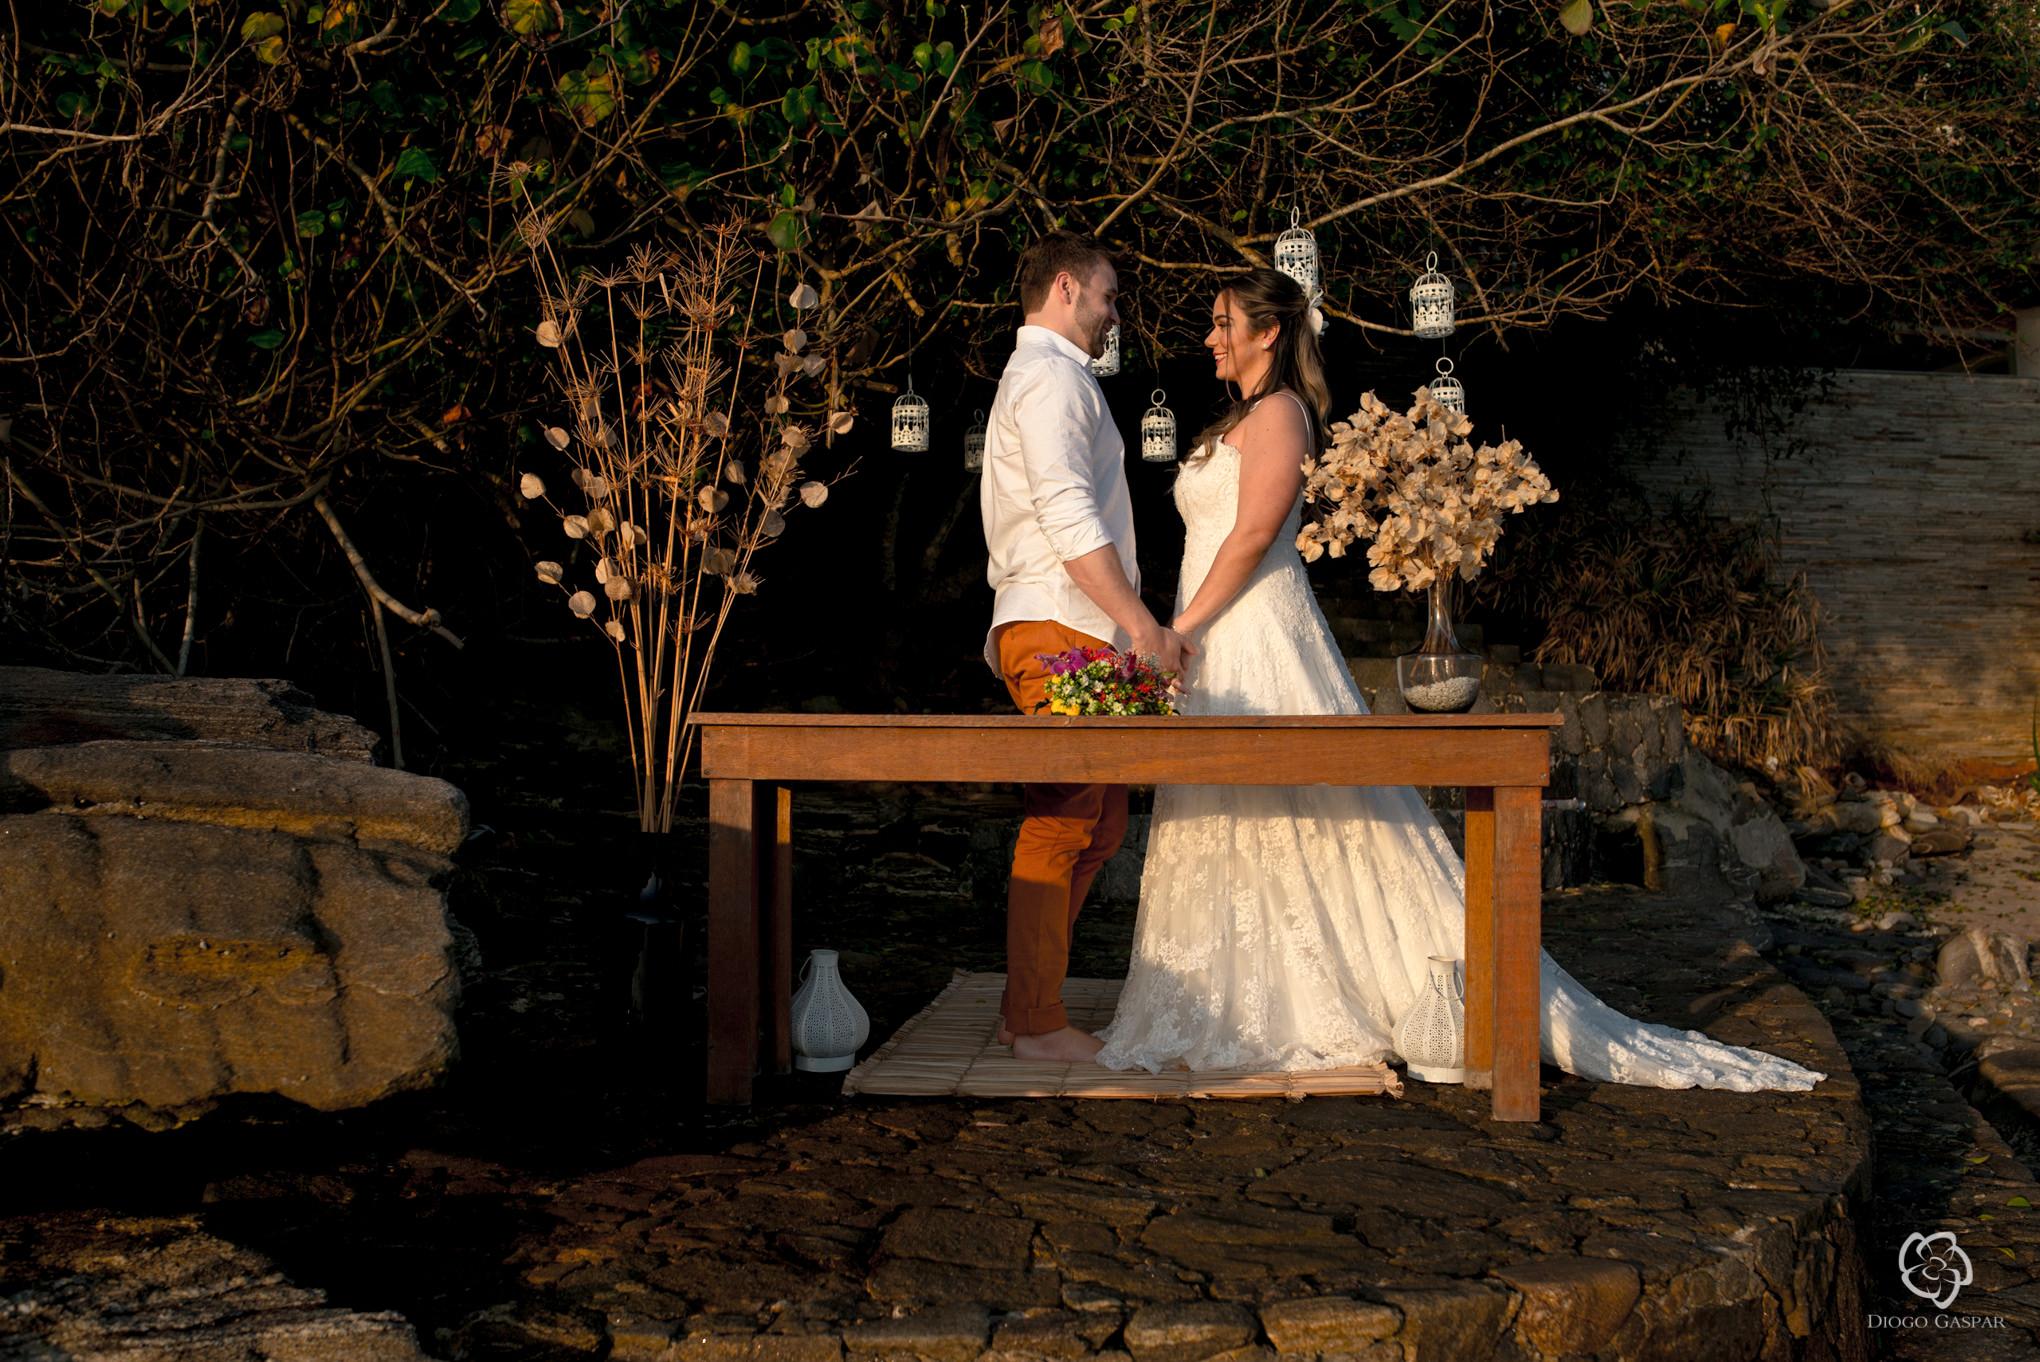 31052017_Secret_Wedding_Verônica_e_Luiz_315.jpg